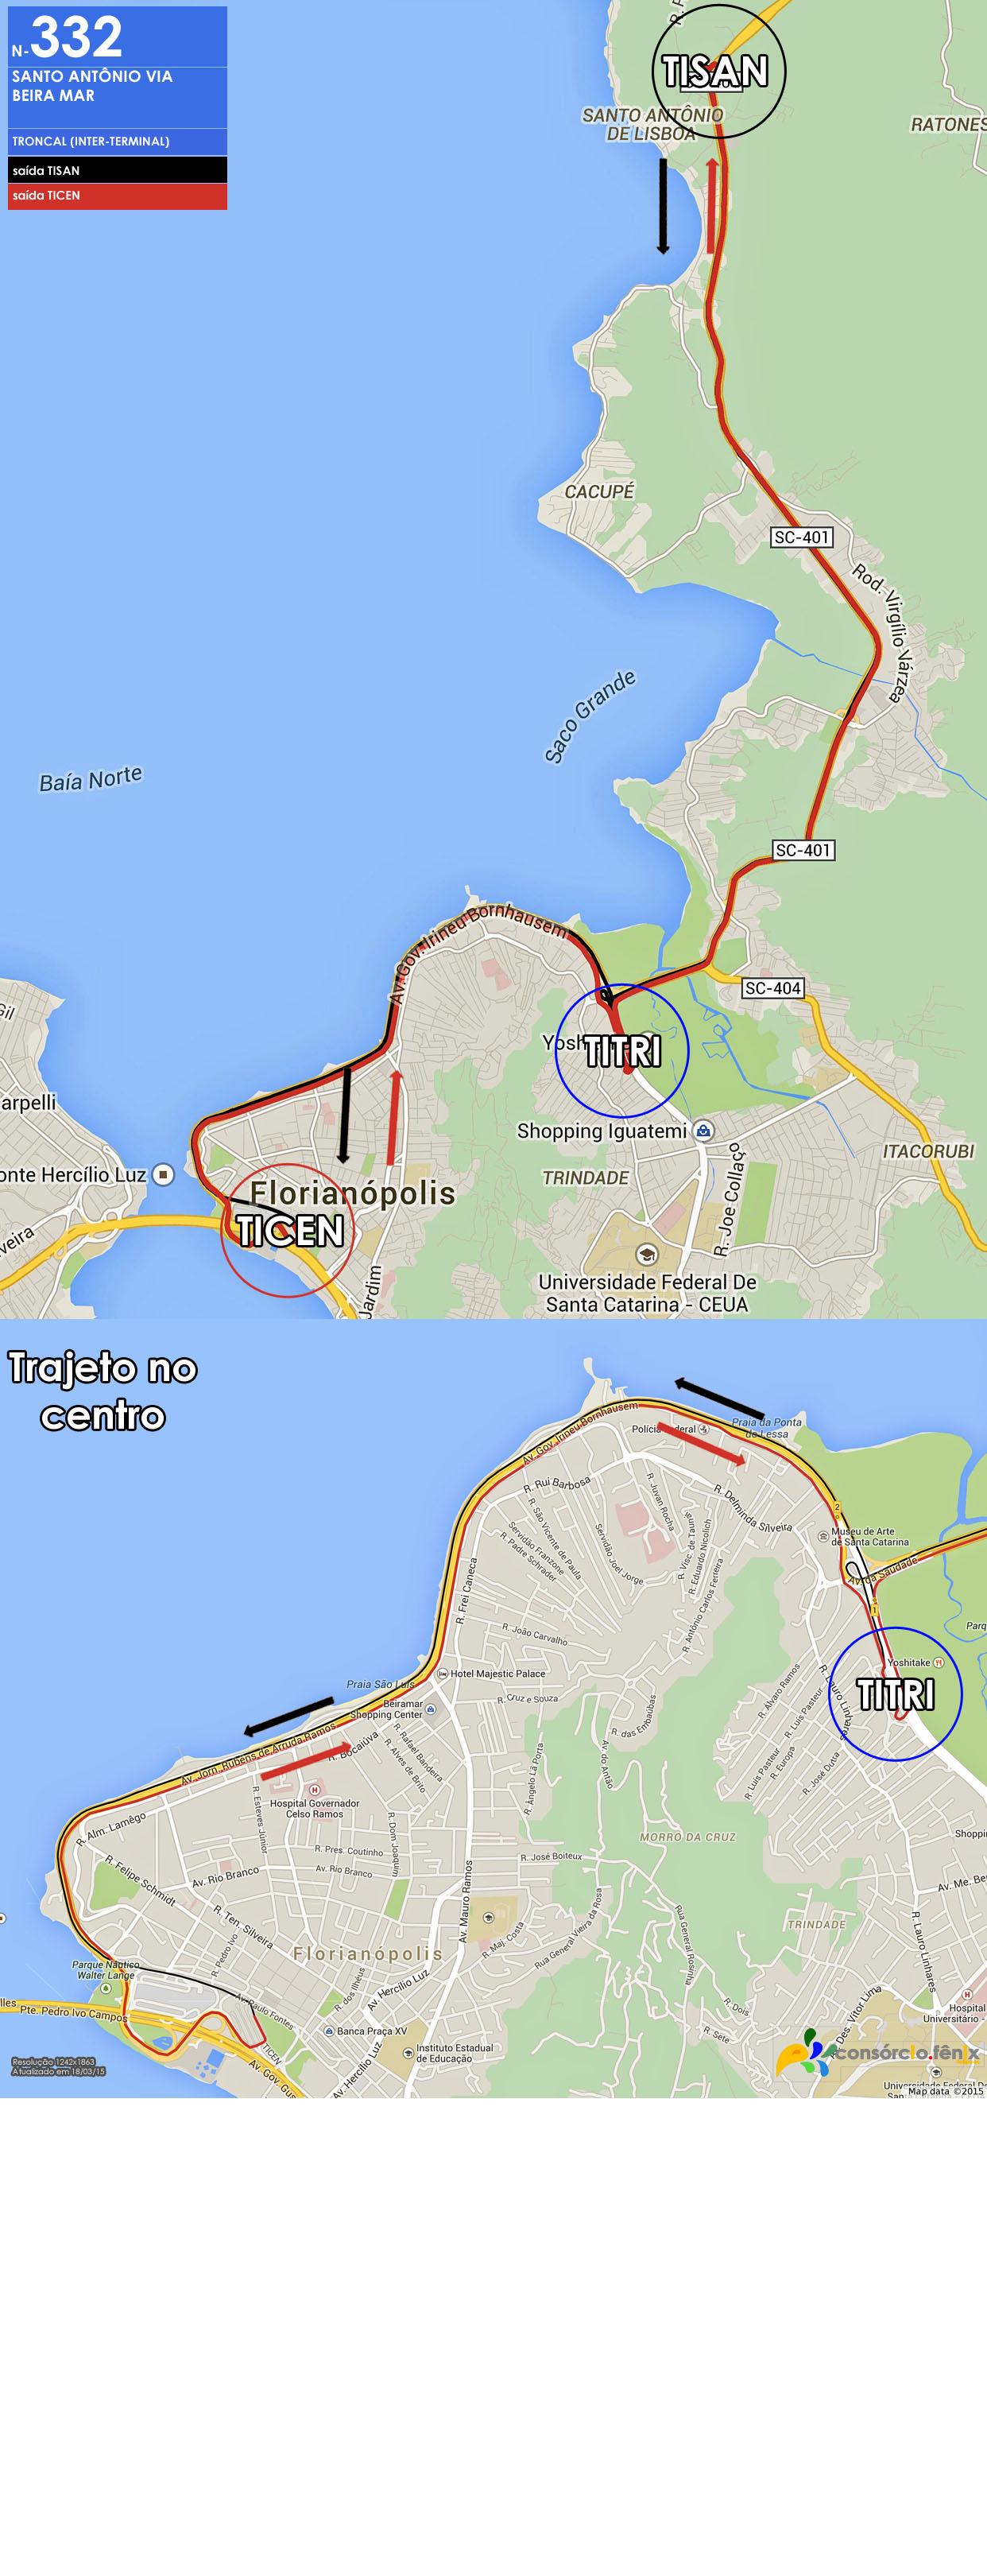 Horario de Onibus TISAN - TICEN via Beira Mar